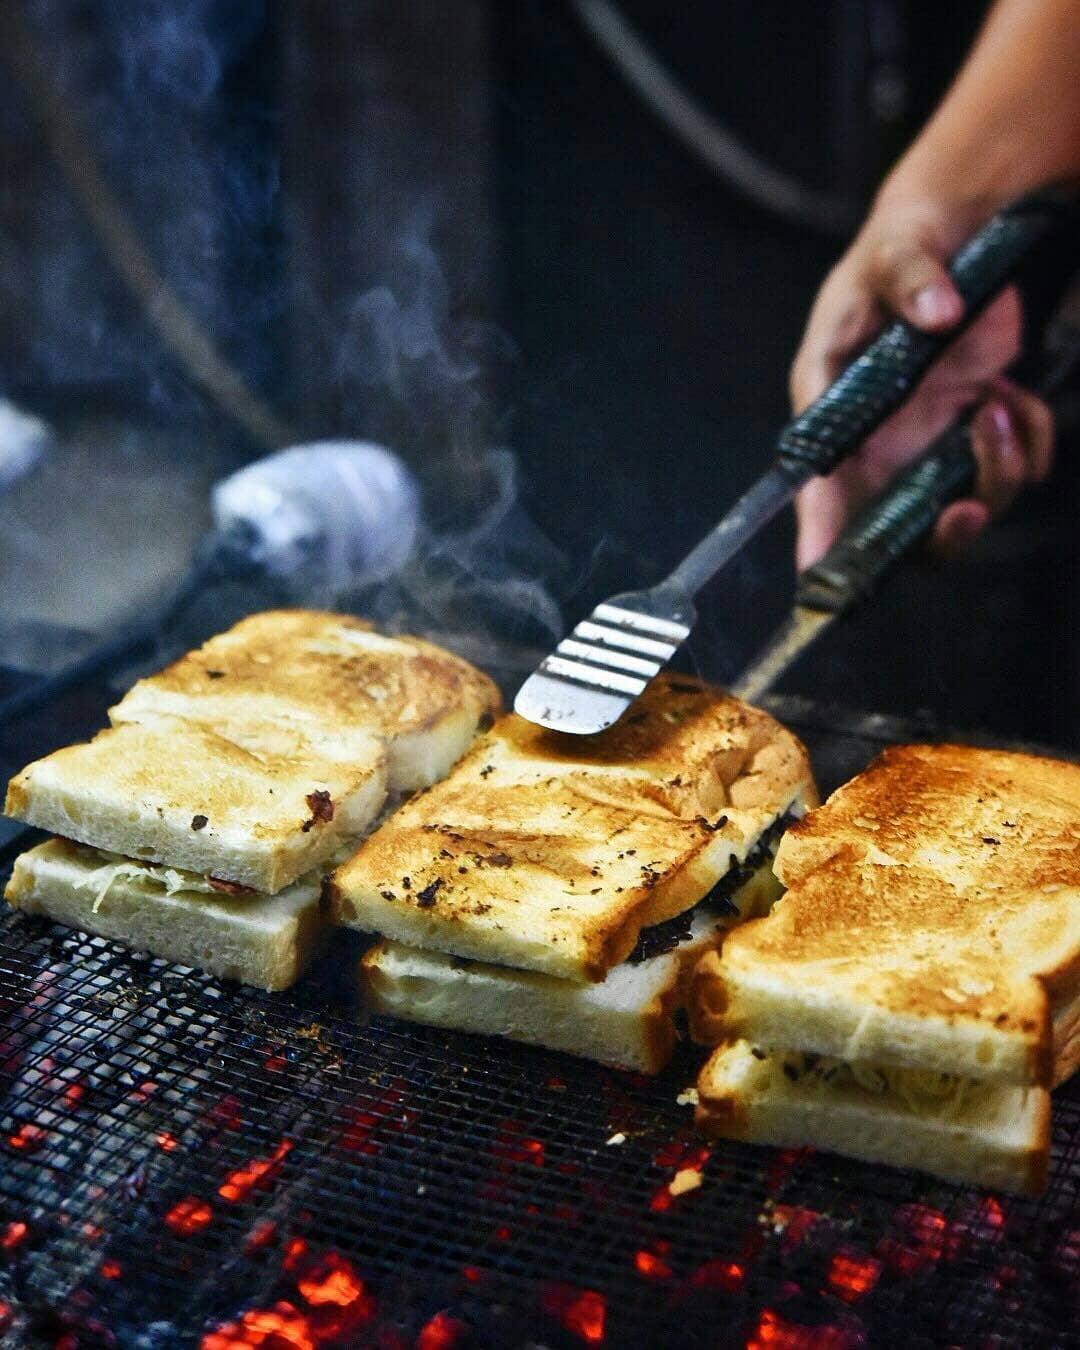 https: img-k.okeinfo.net content 2018 12 14 320 1991165 peluang-bisnis-roti-bakar-yang-untungnya-menjanjikan-x9cMbaXcaH.jpg